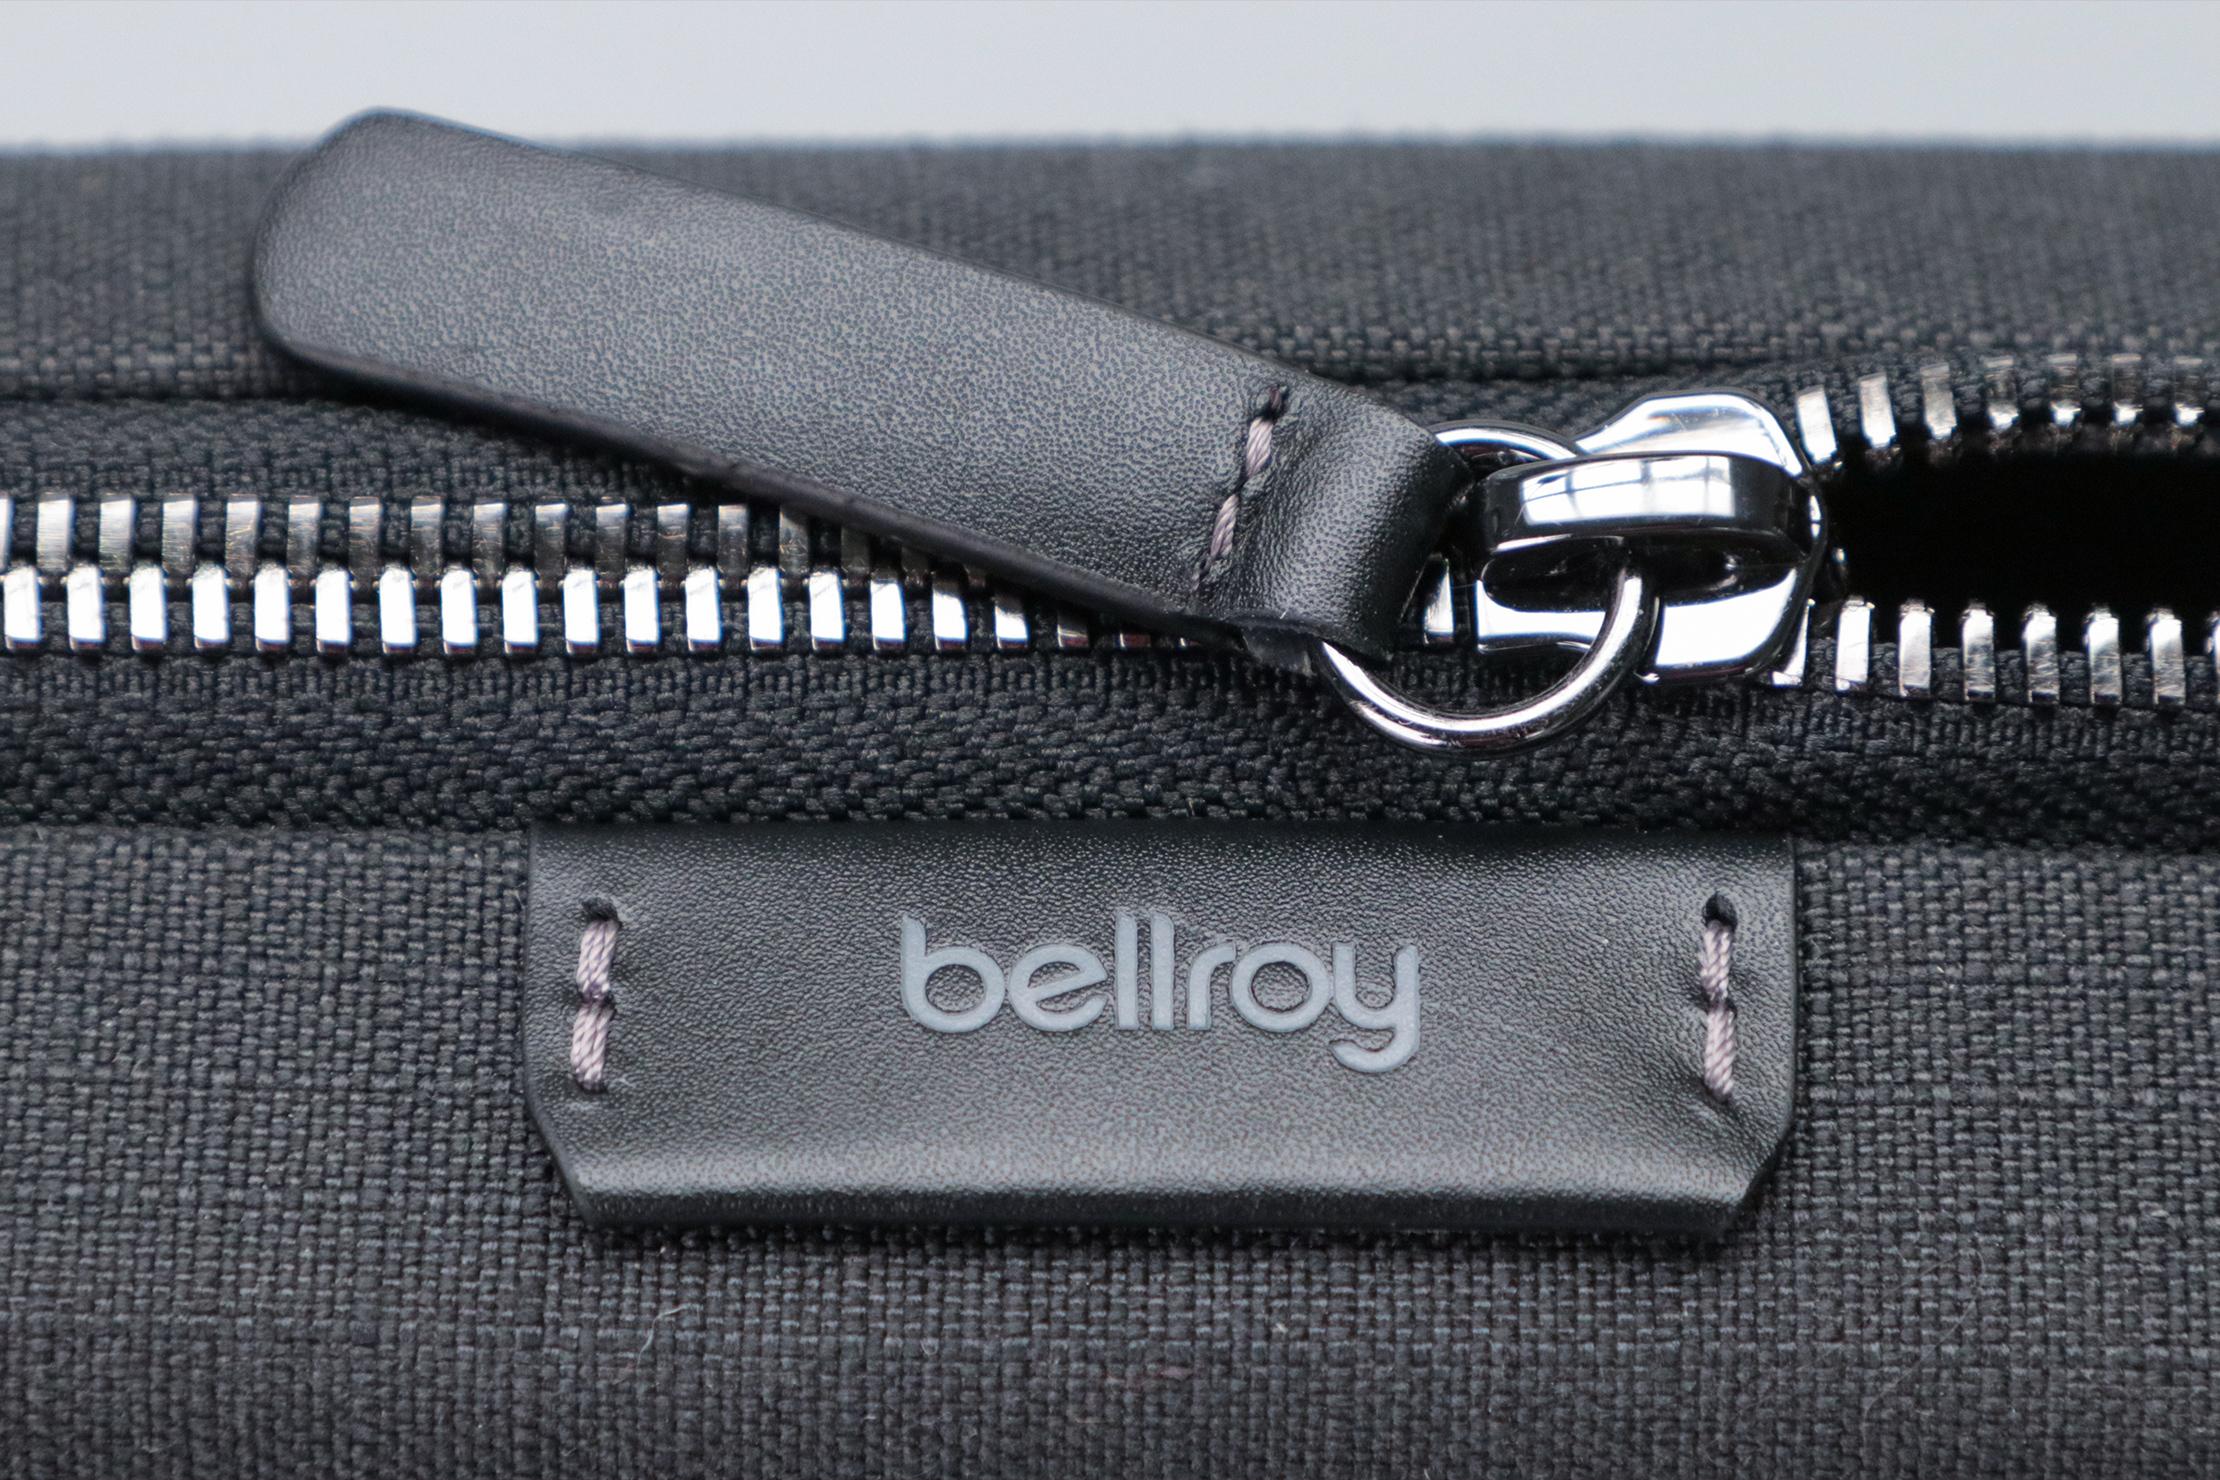 Bellroy Tech Kit Compact Logo Zipper